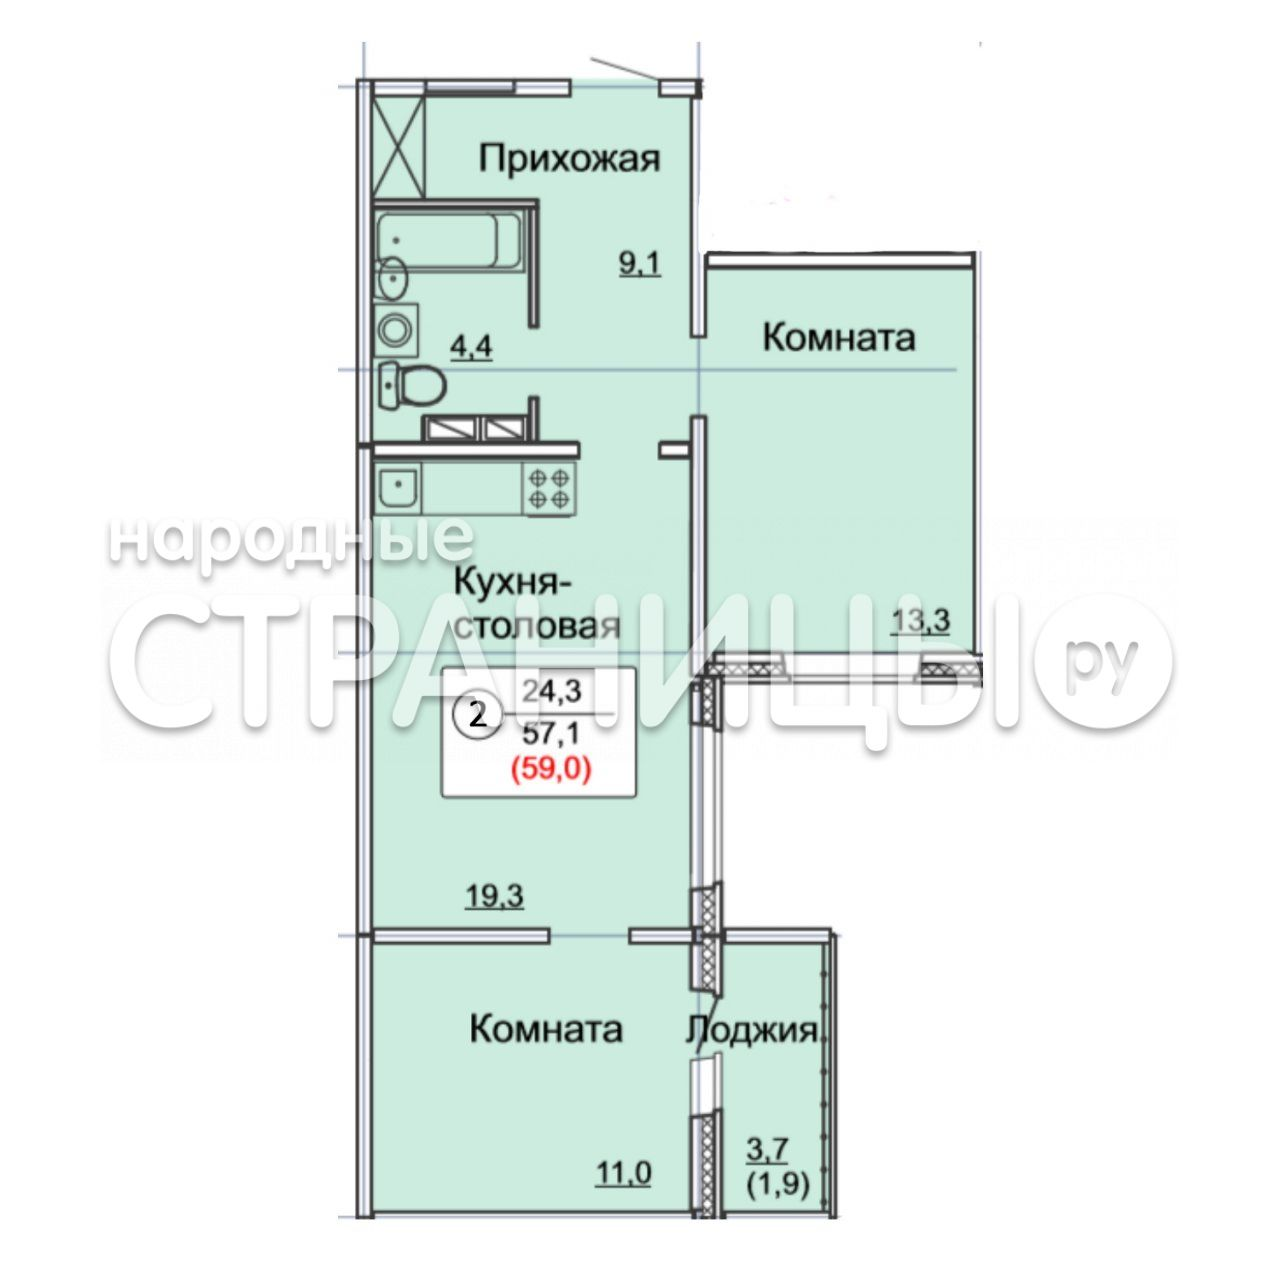 2-комнатная квартира, 59.0 м²,  2/17 эт. Панельный дом, Вторичное жилье